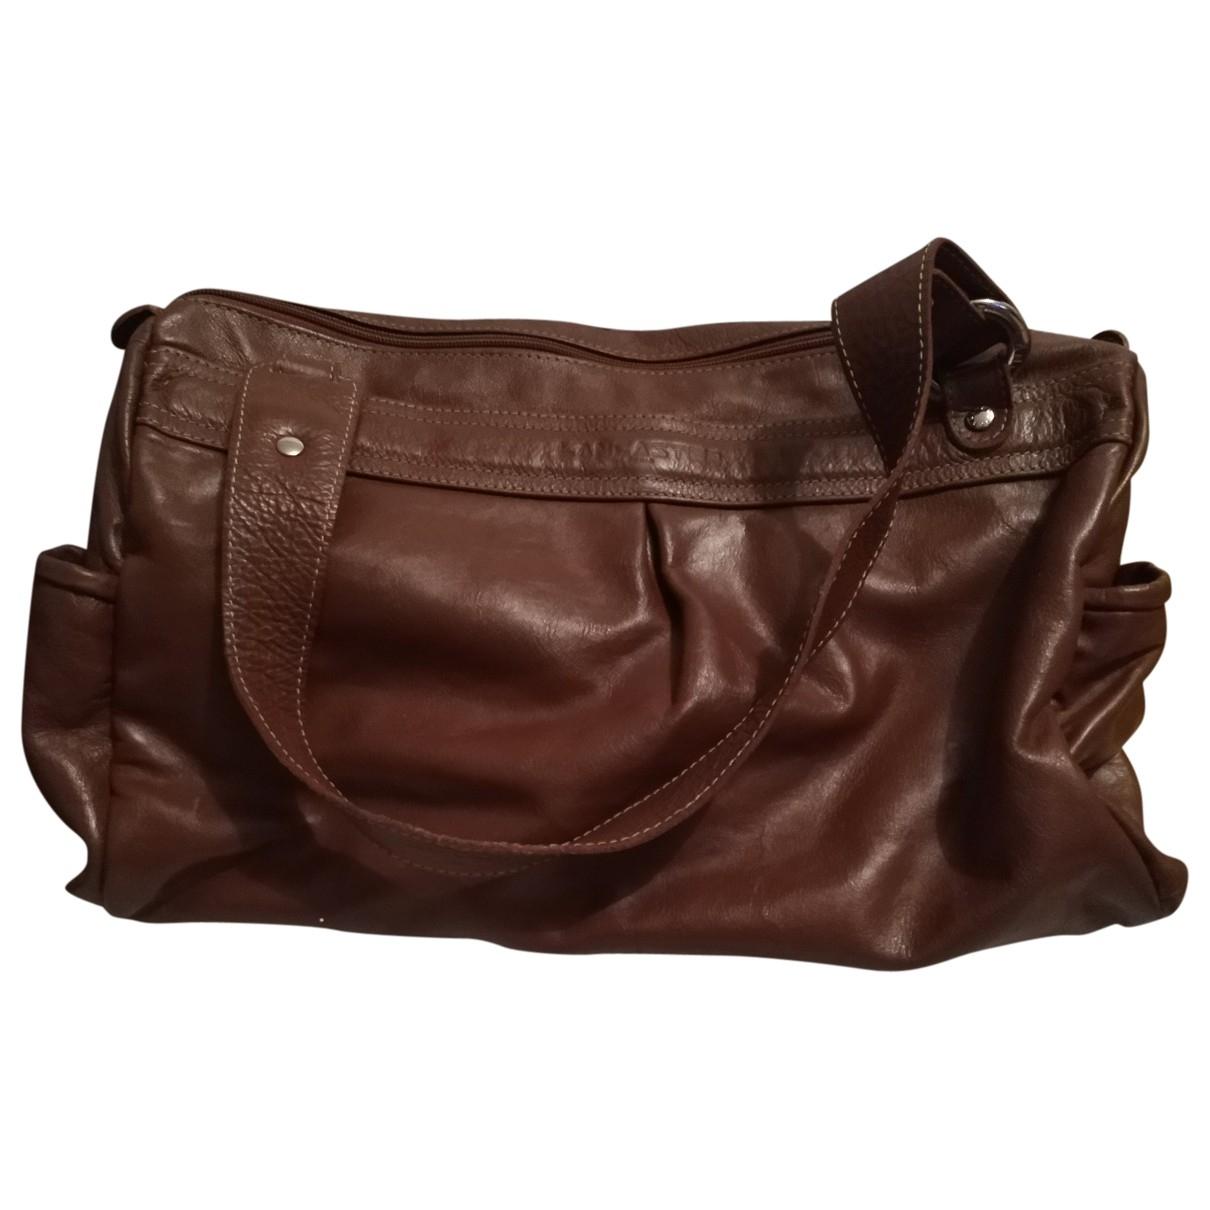 Lancaster \N Handtasche in  Kamel Leder